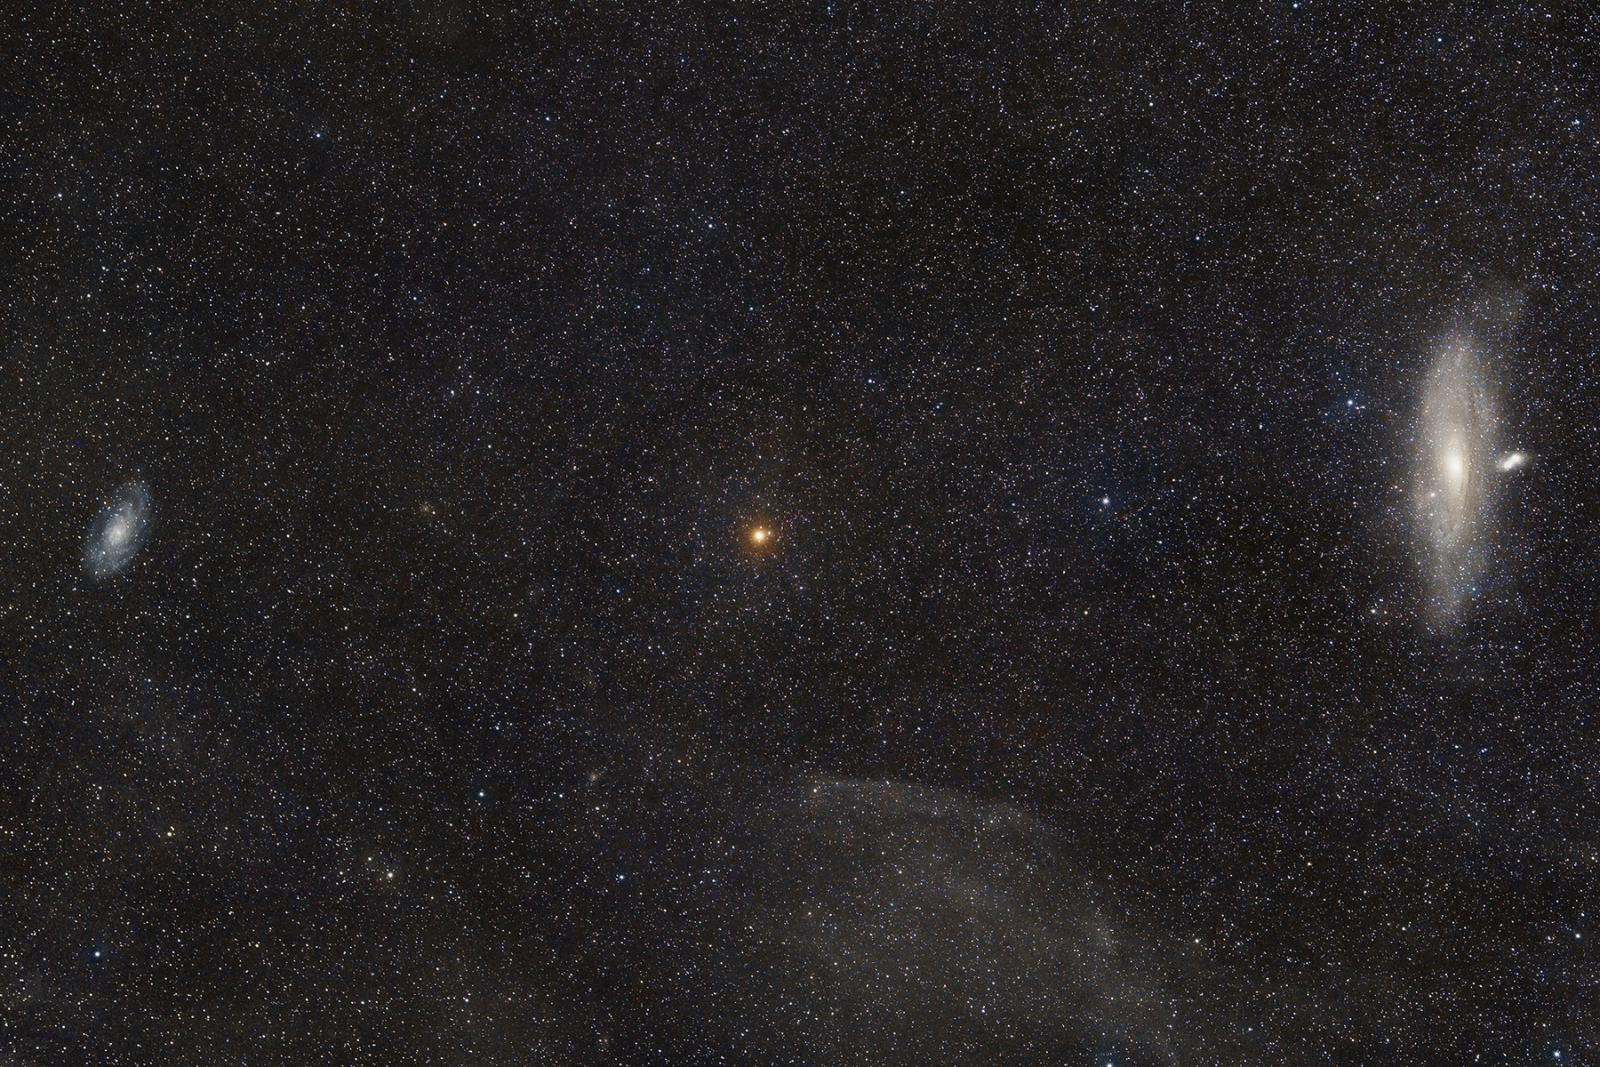 M31&M33_Maciejkowa_Góra_17_08_2020_AP_1800px.png